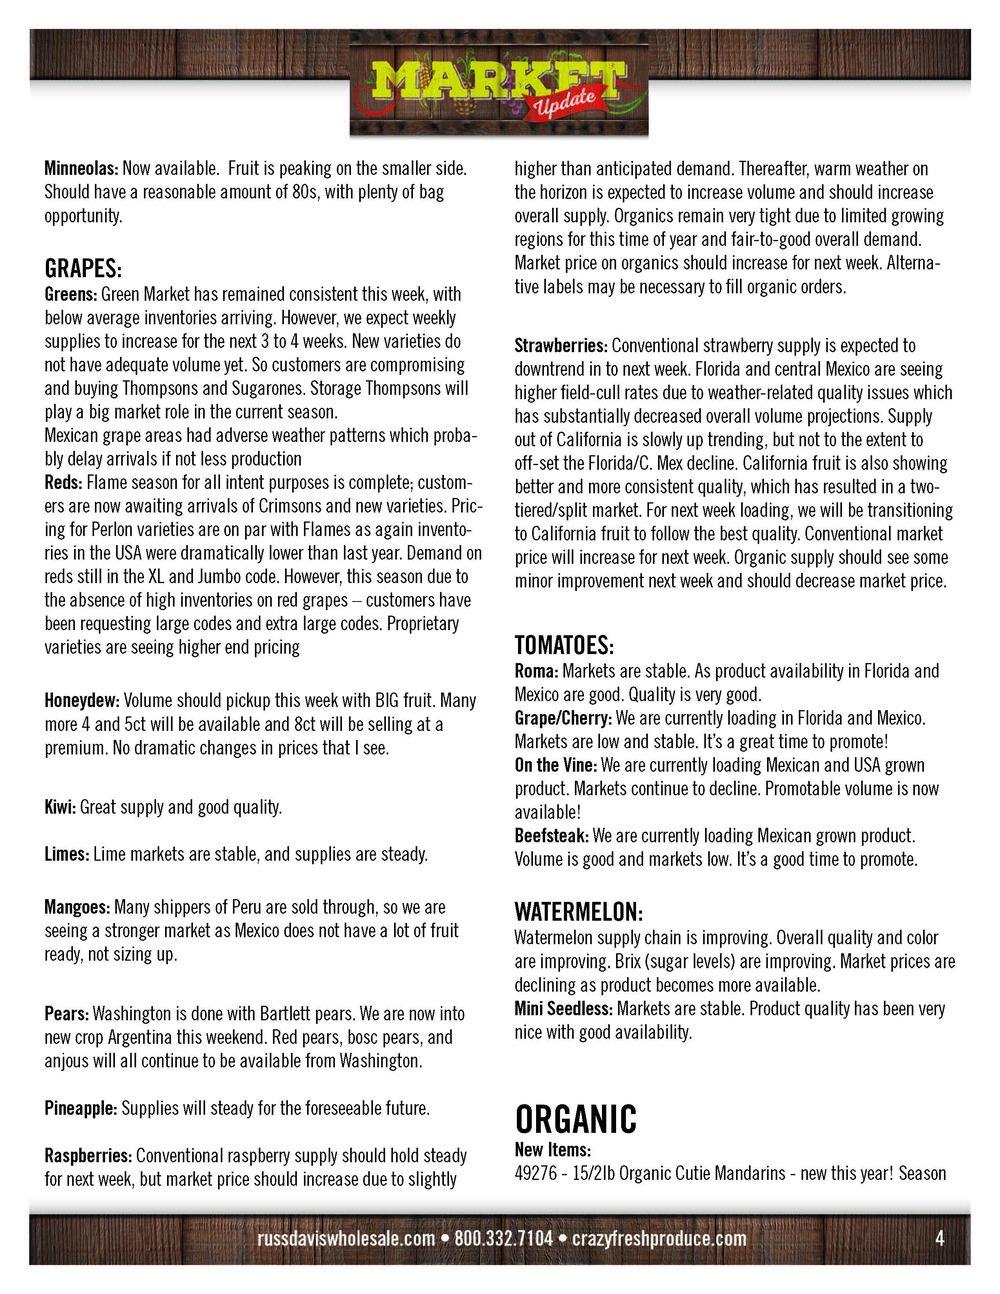 RDW_Market_Update_Feb28_19_Page_4.jpg